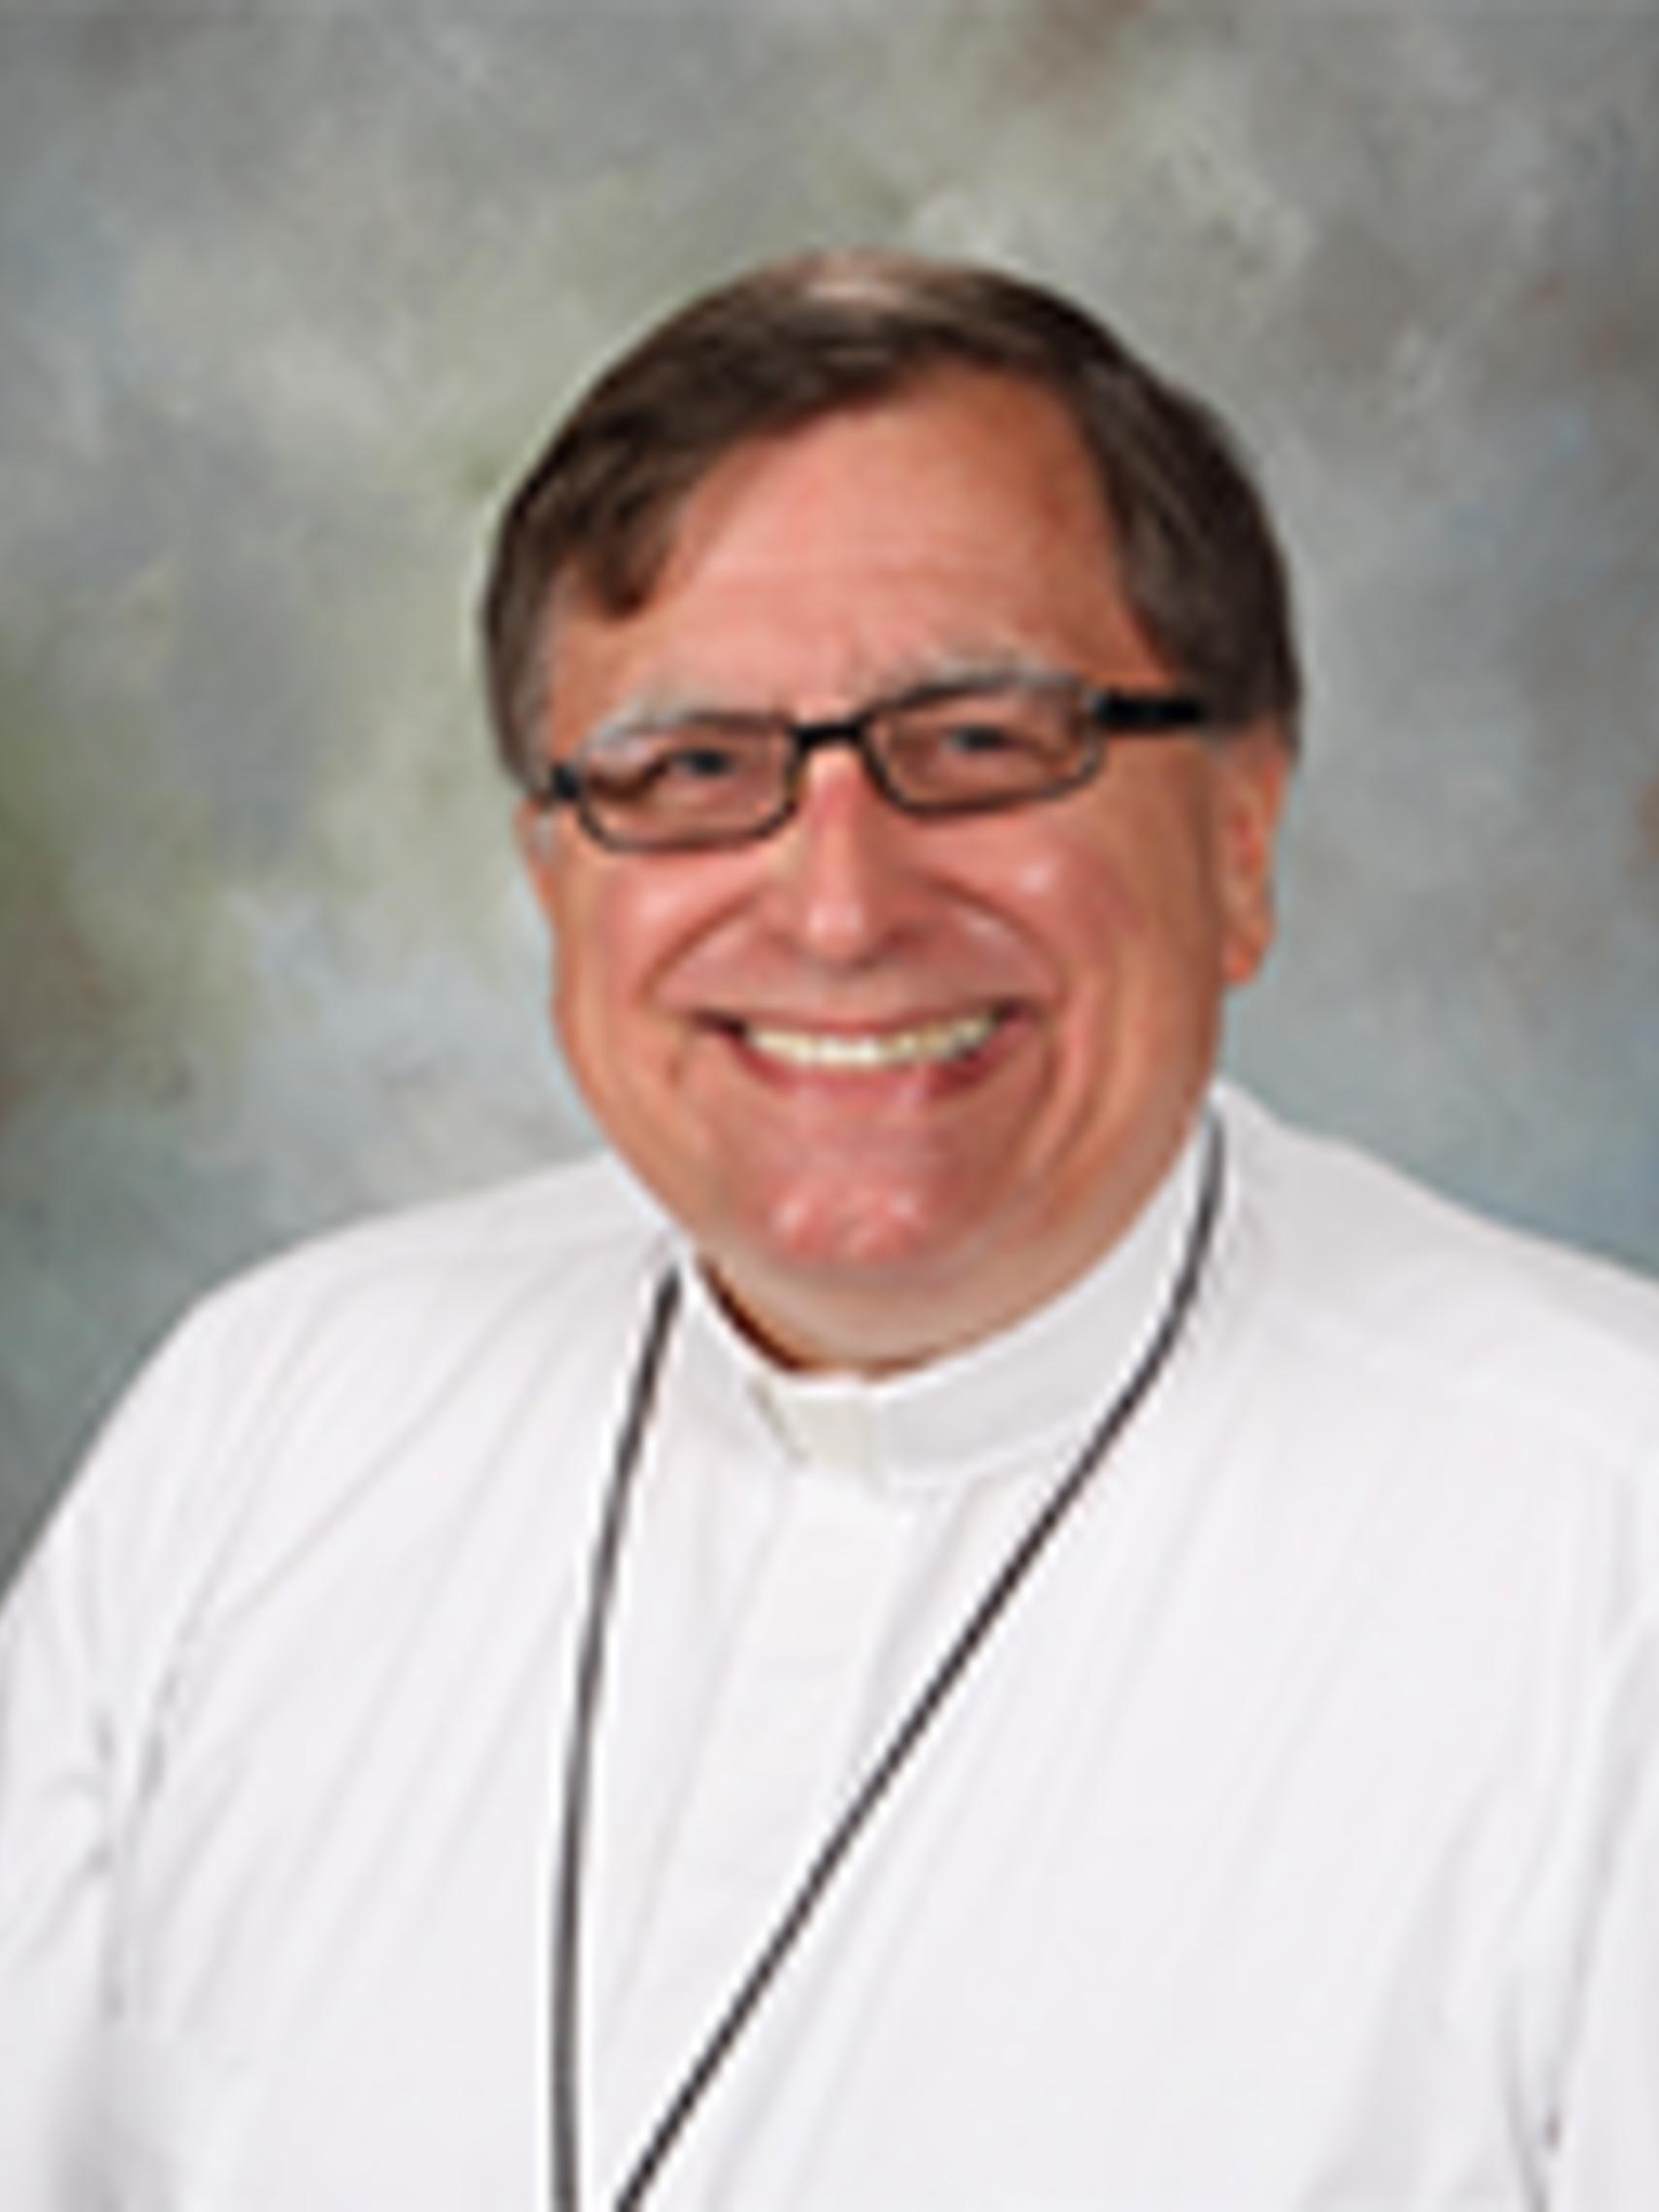 Fr. Lou Molinelli, SDB